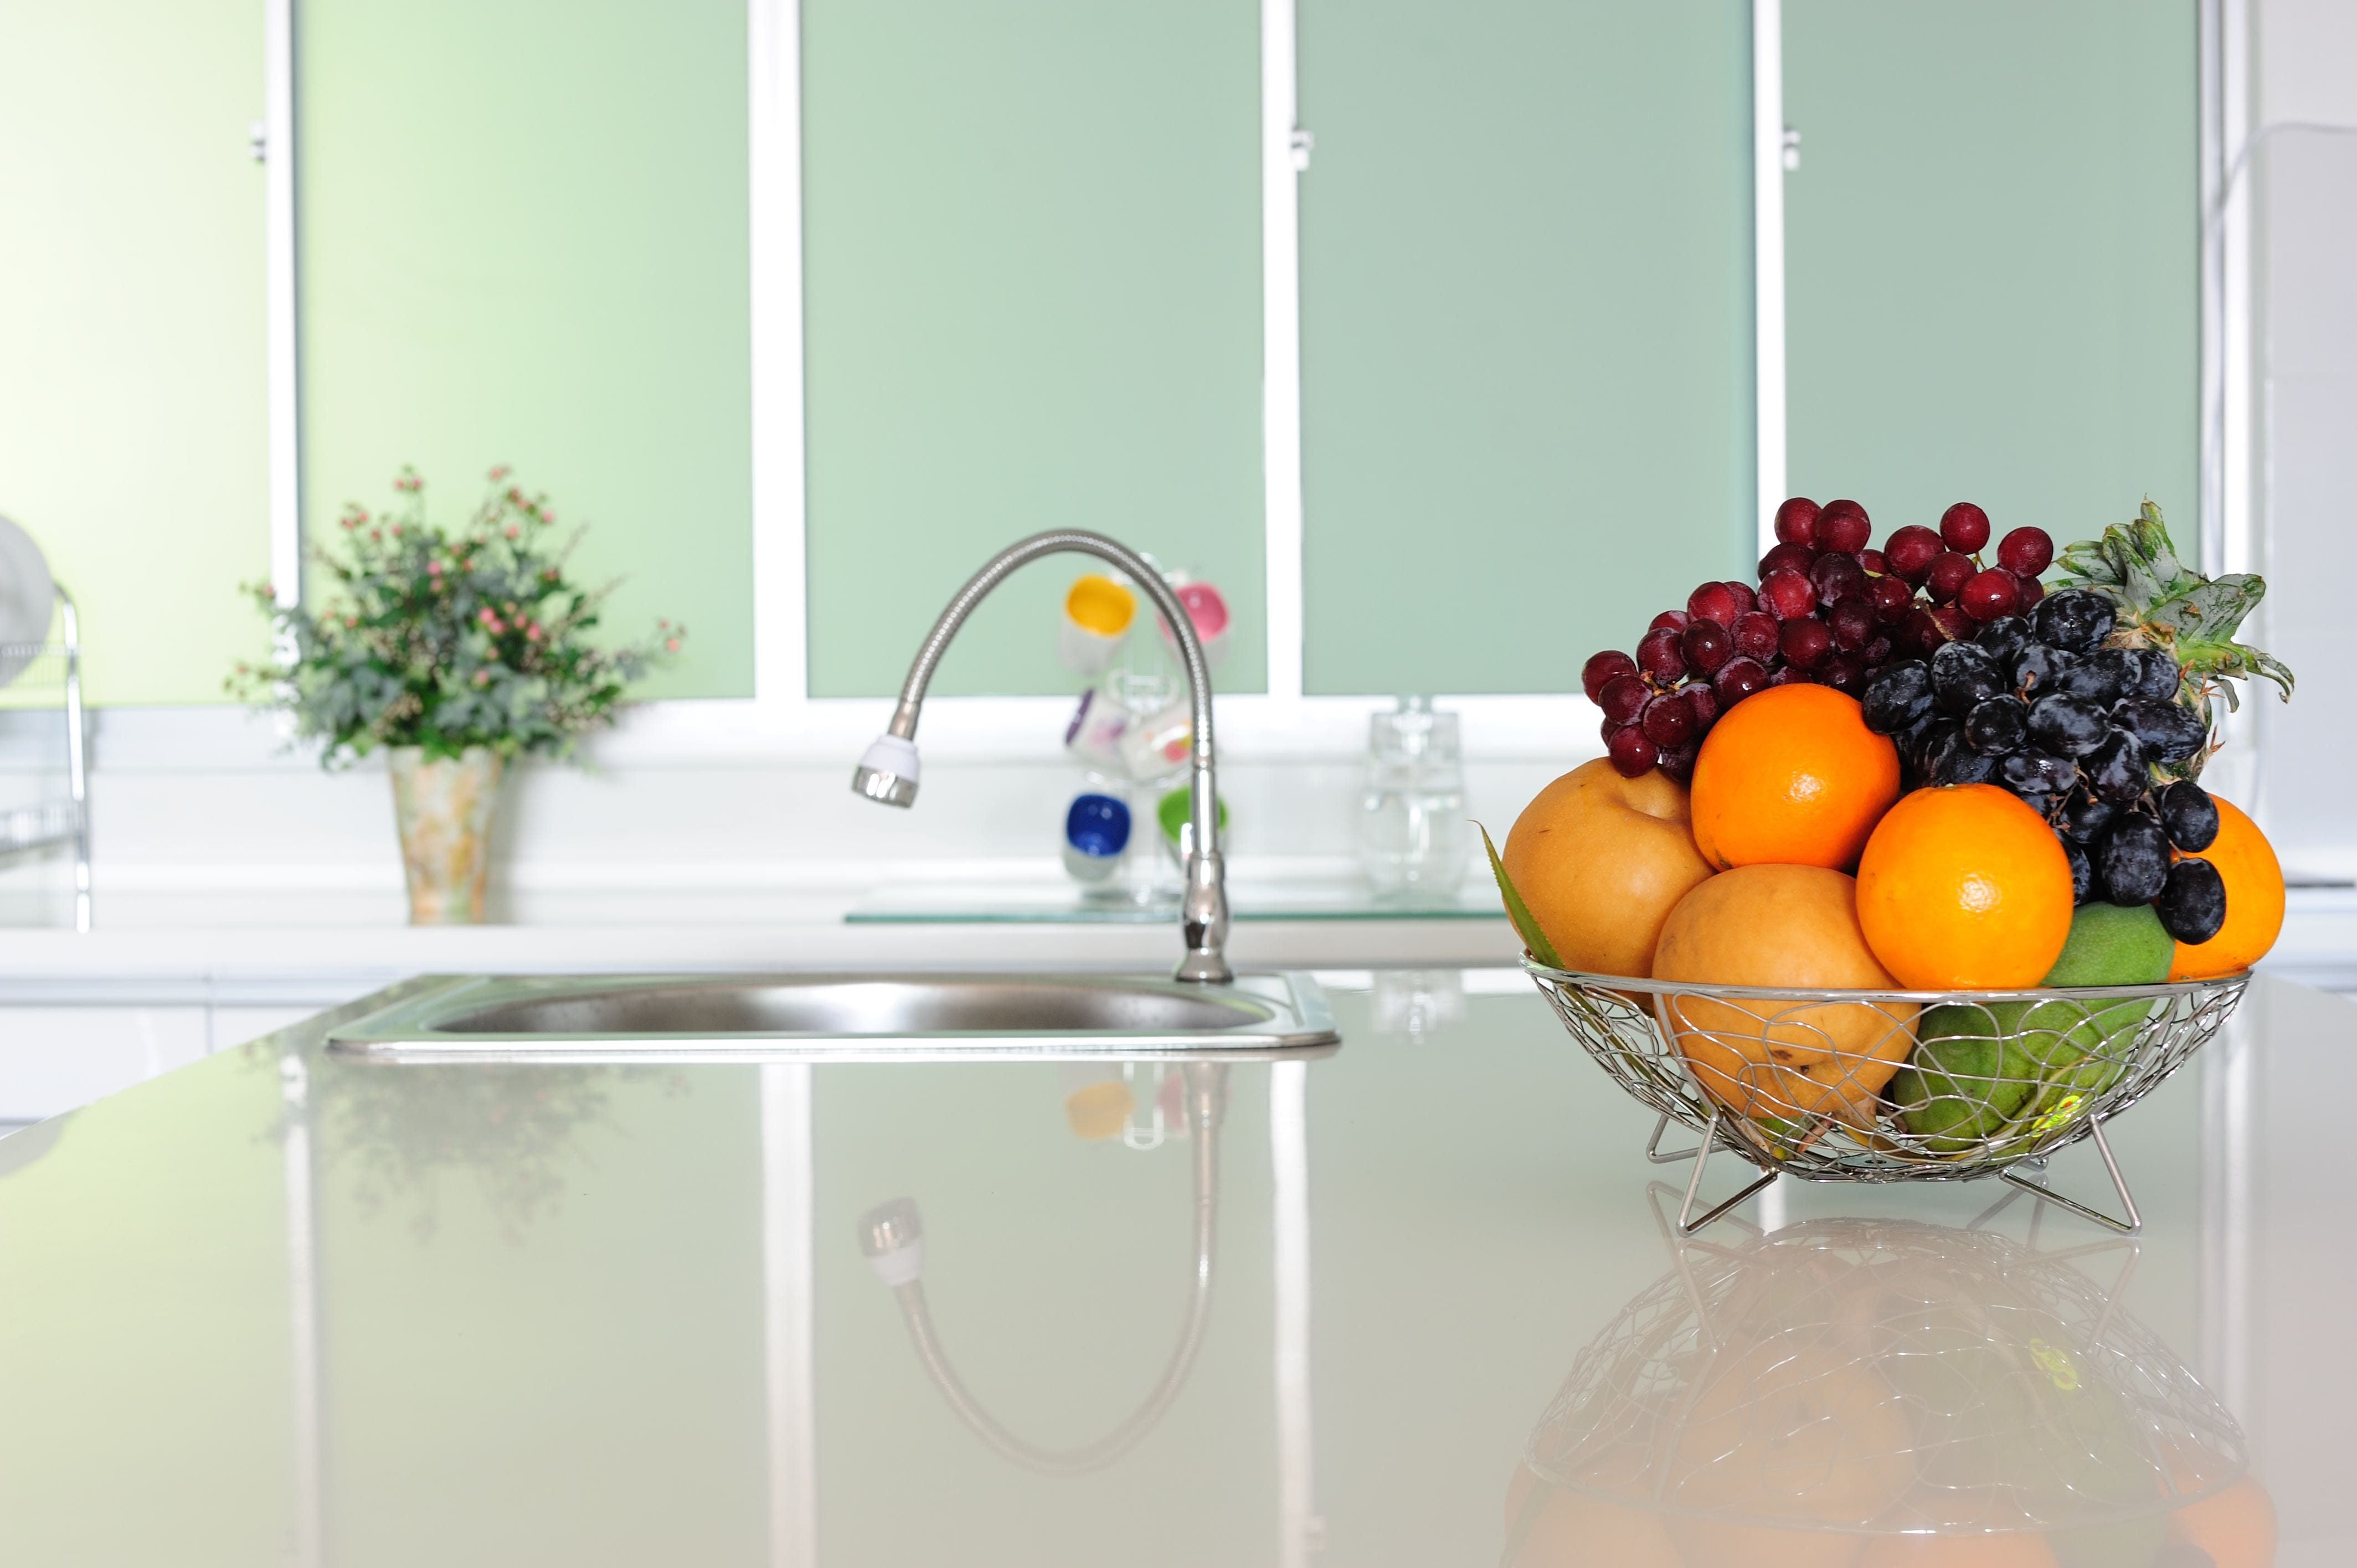 Dicas para limpar as bancadas da cozinha 1